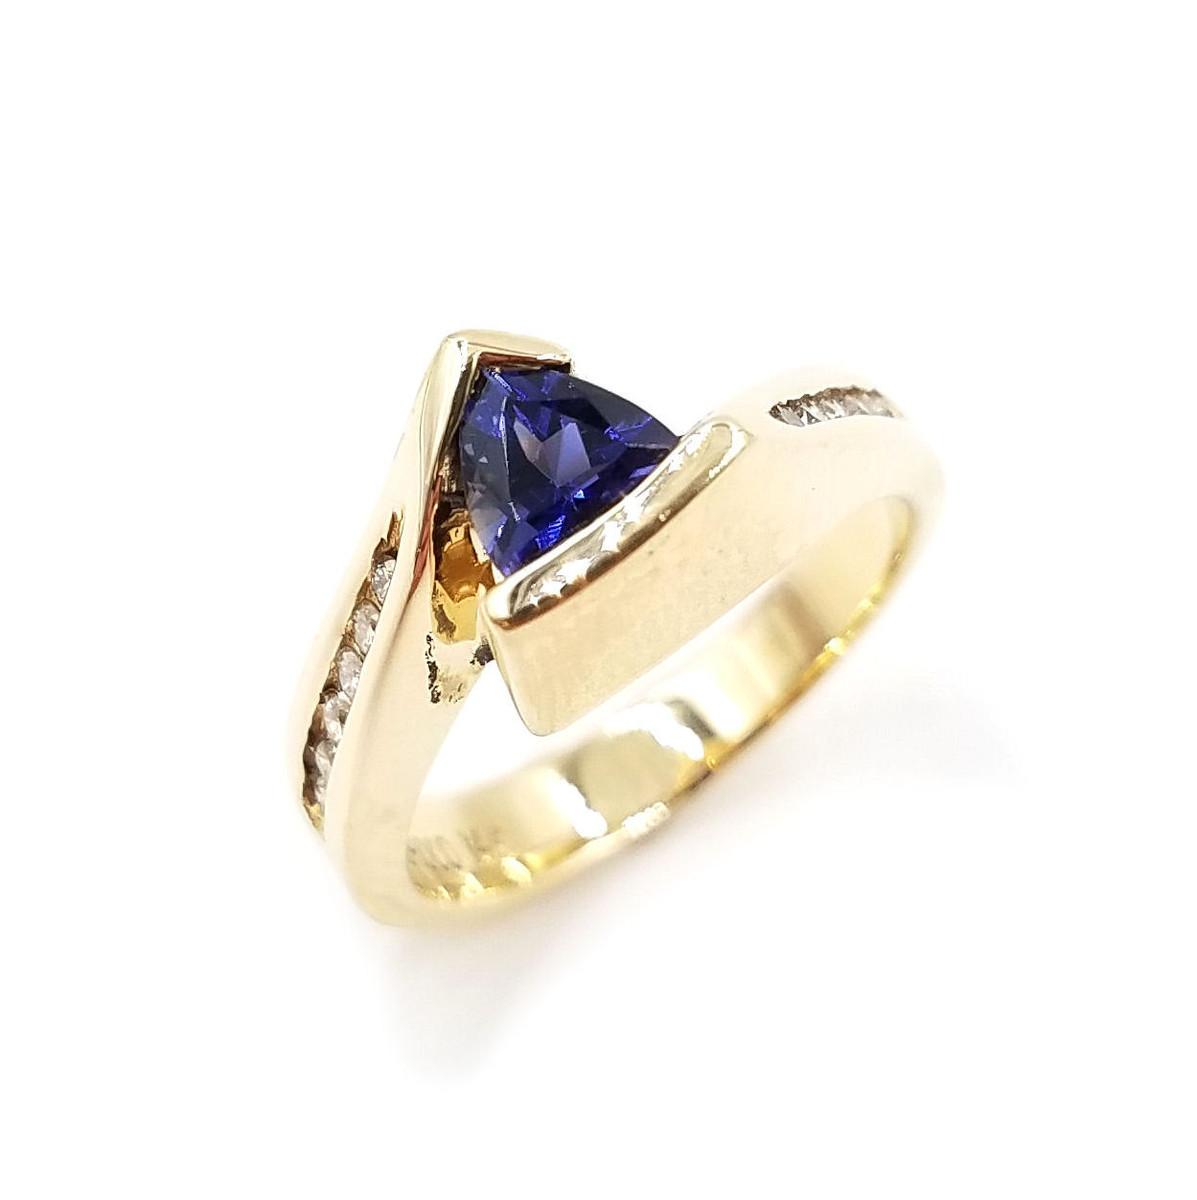 Trillion Cut Genuine Tanzanite & Diamond Ring